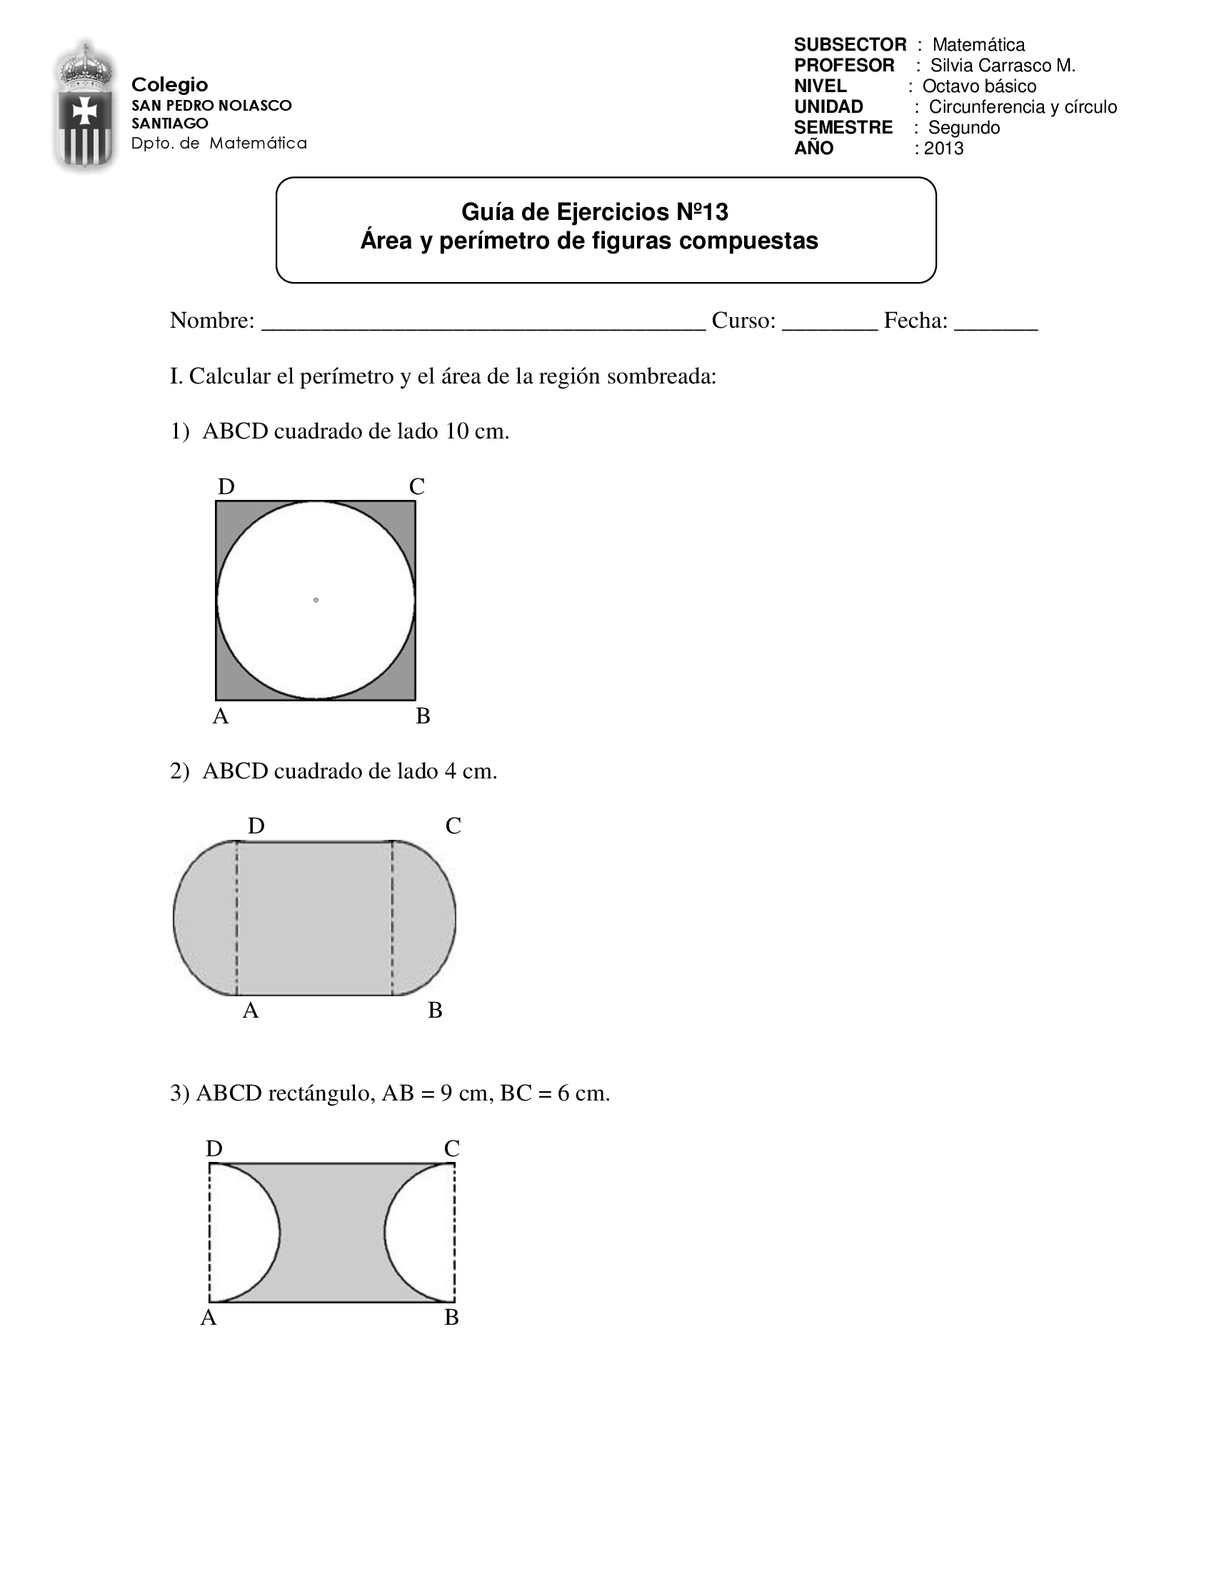 Guia Nº13 Area Y Perimetro De Figuras Compuestas Area Y